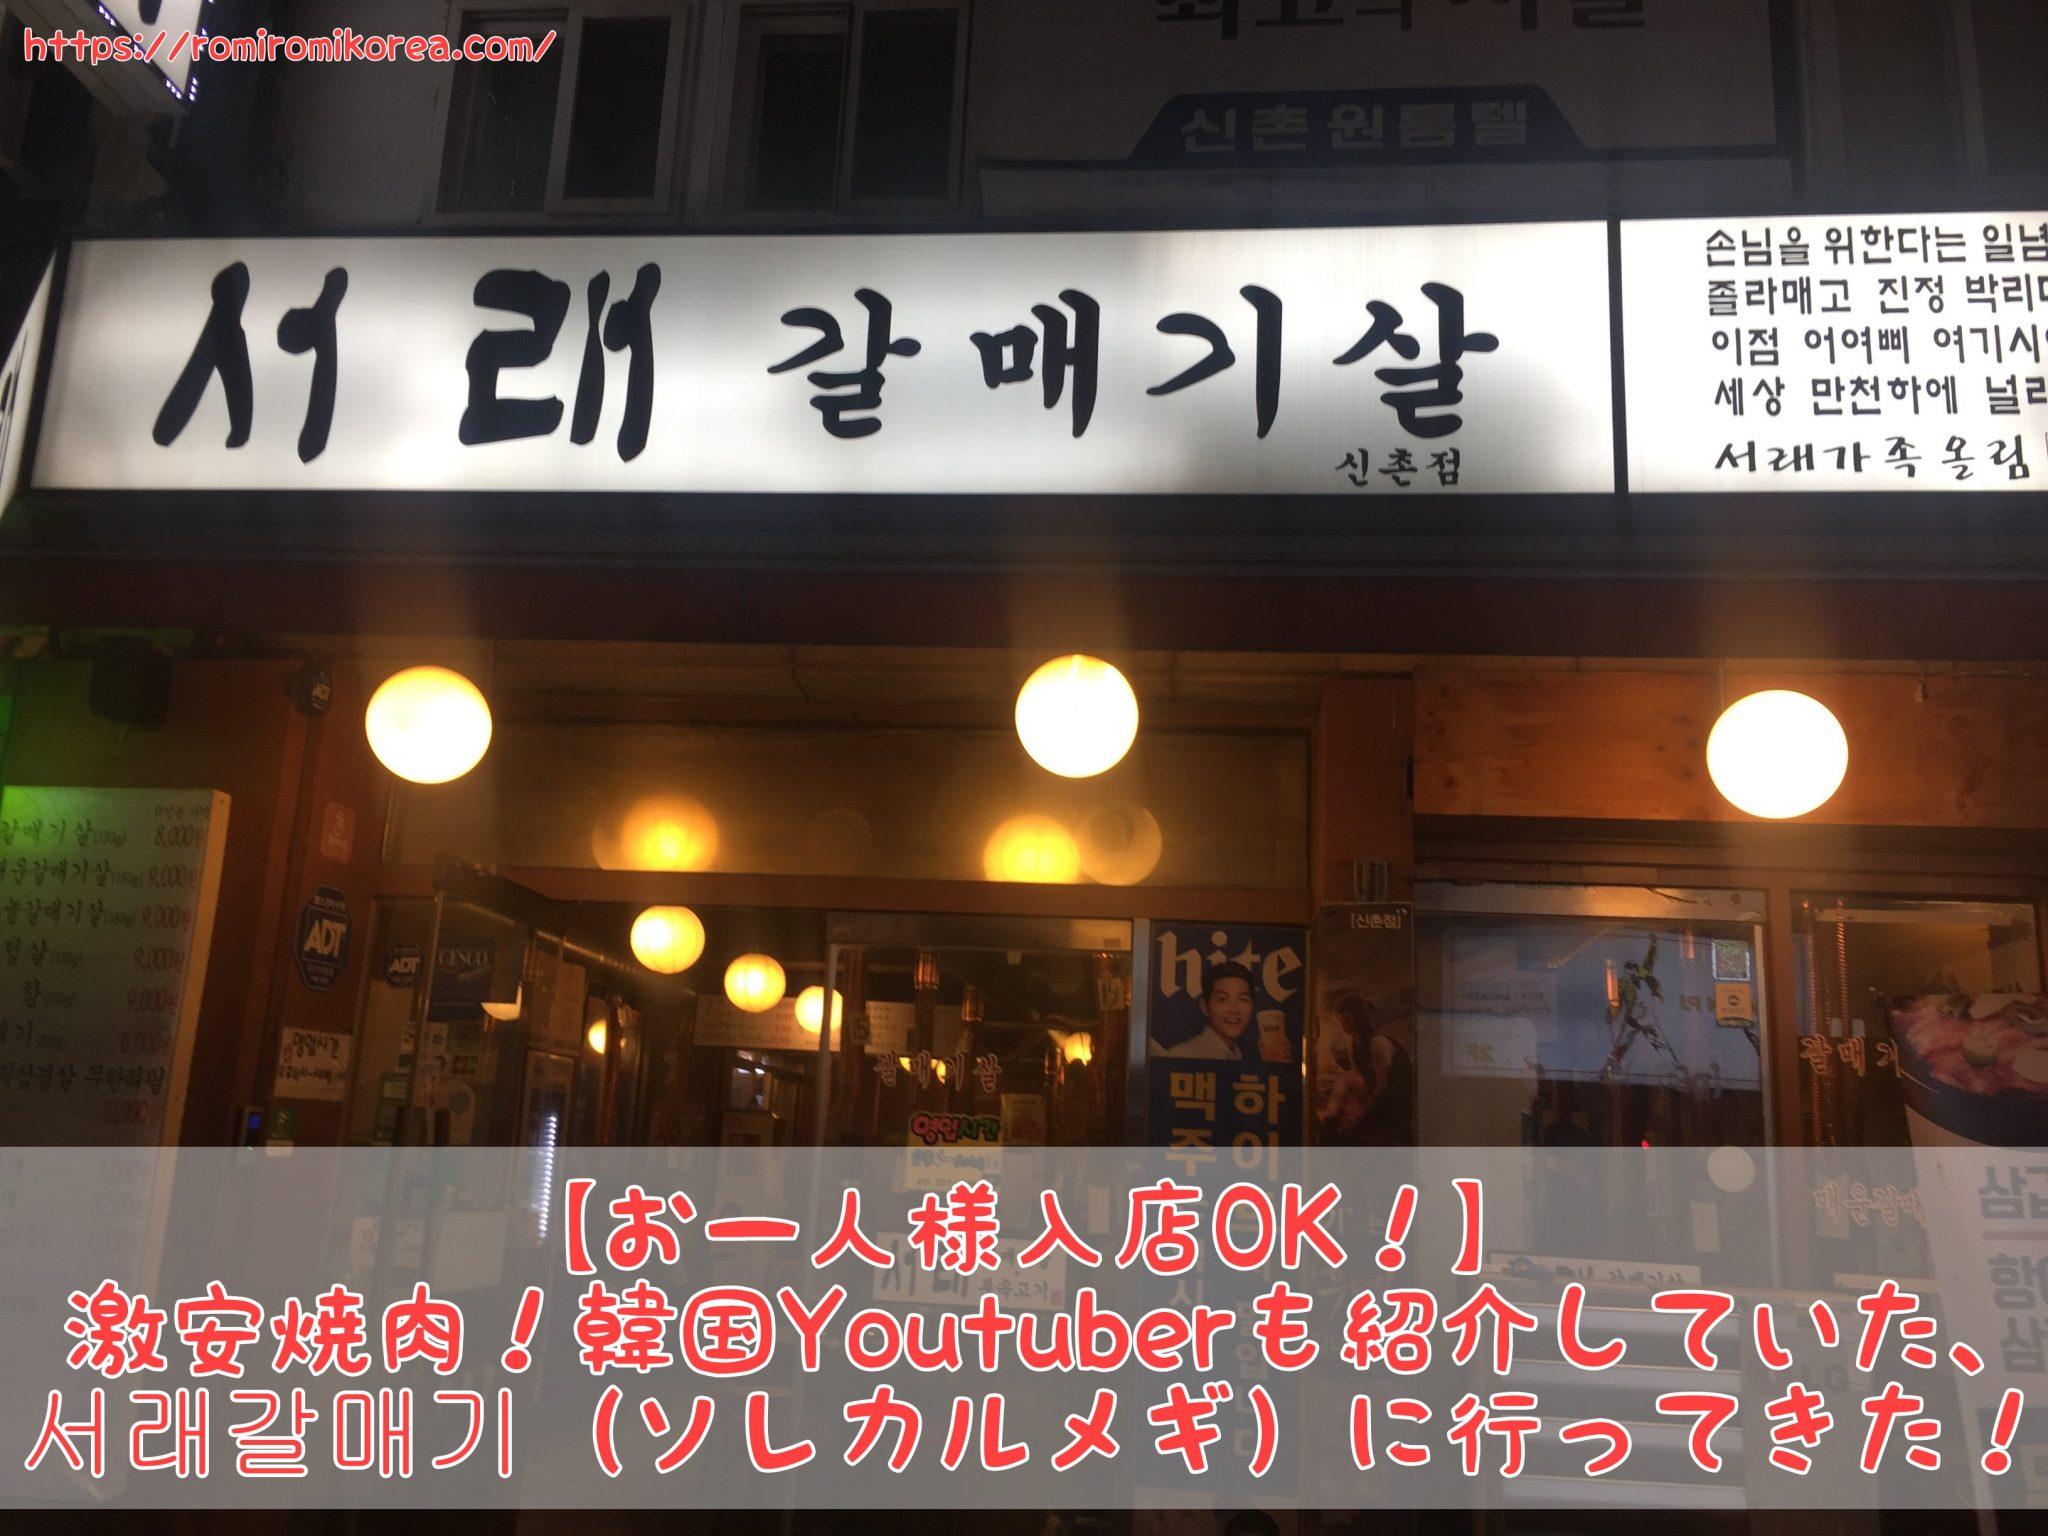 【お一人様入店OK!】激安焼肉!韓国Youtuberも紹介していた、新村の서래갈매기(ソレカルメギ)に行ってきた!